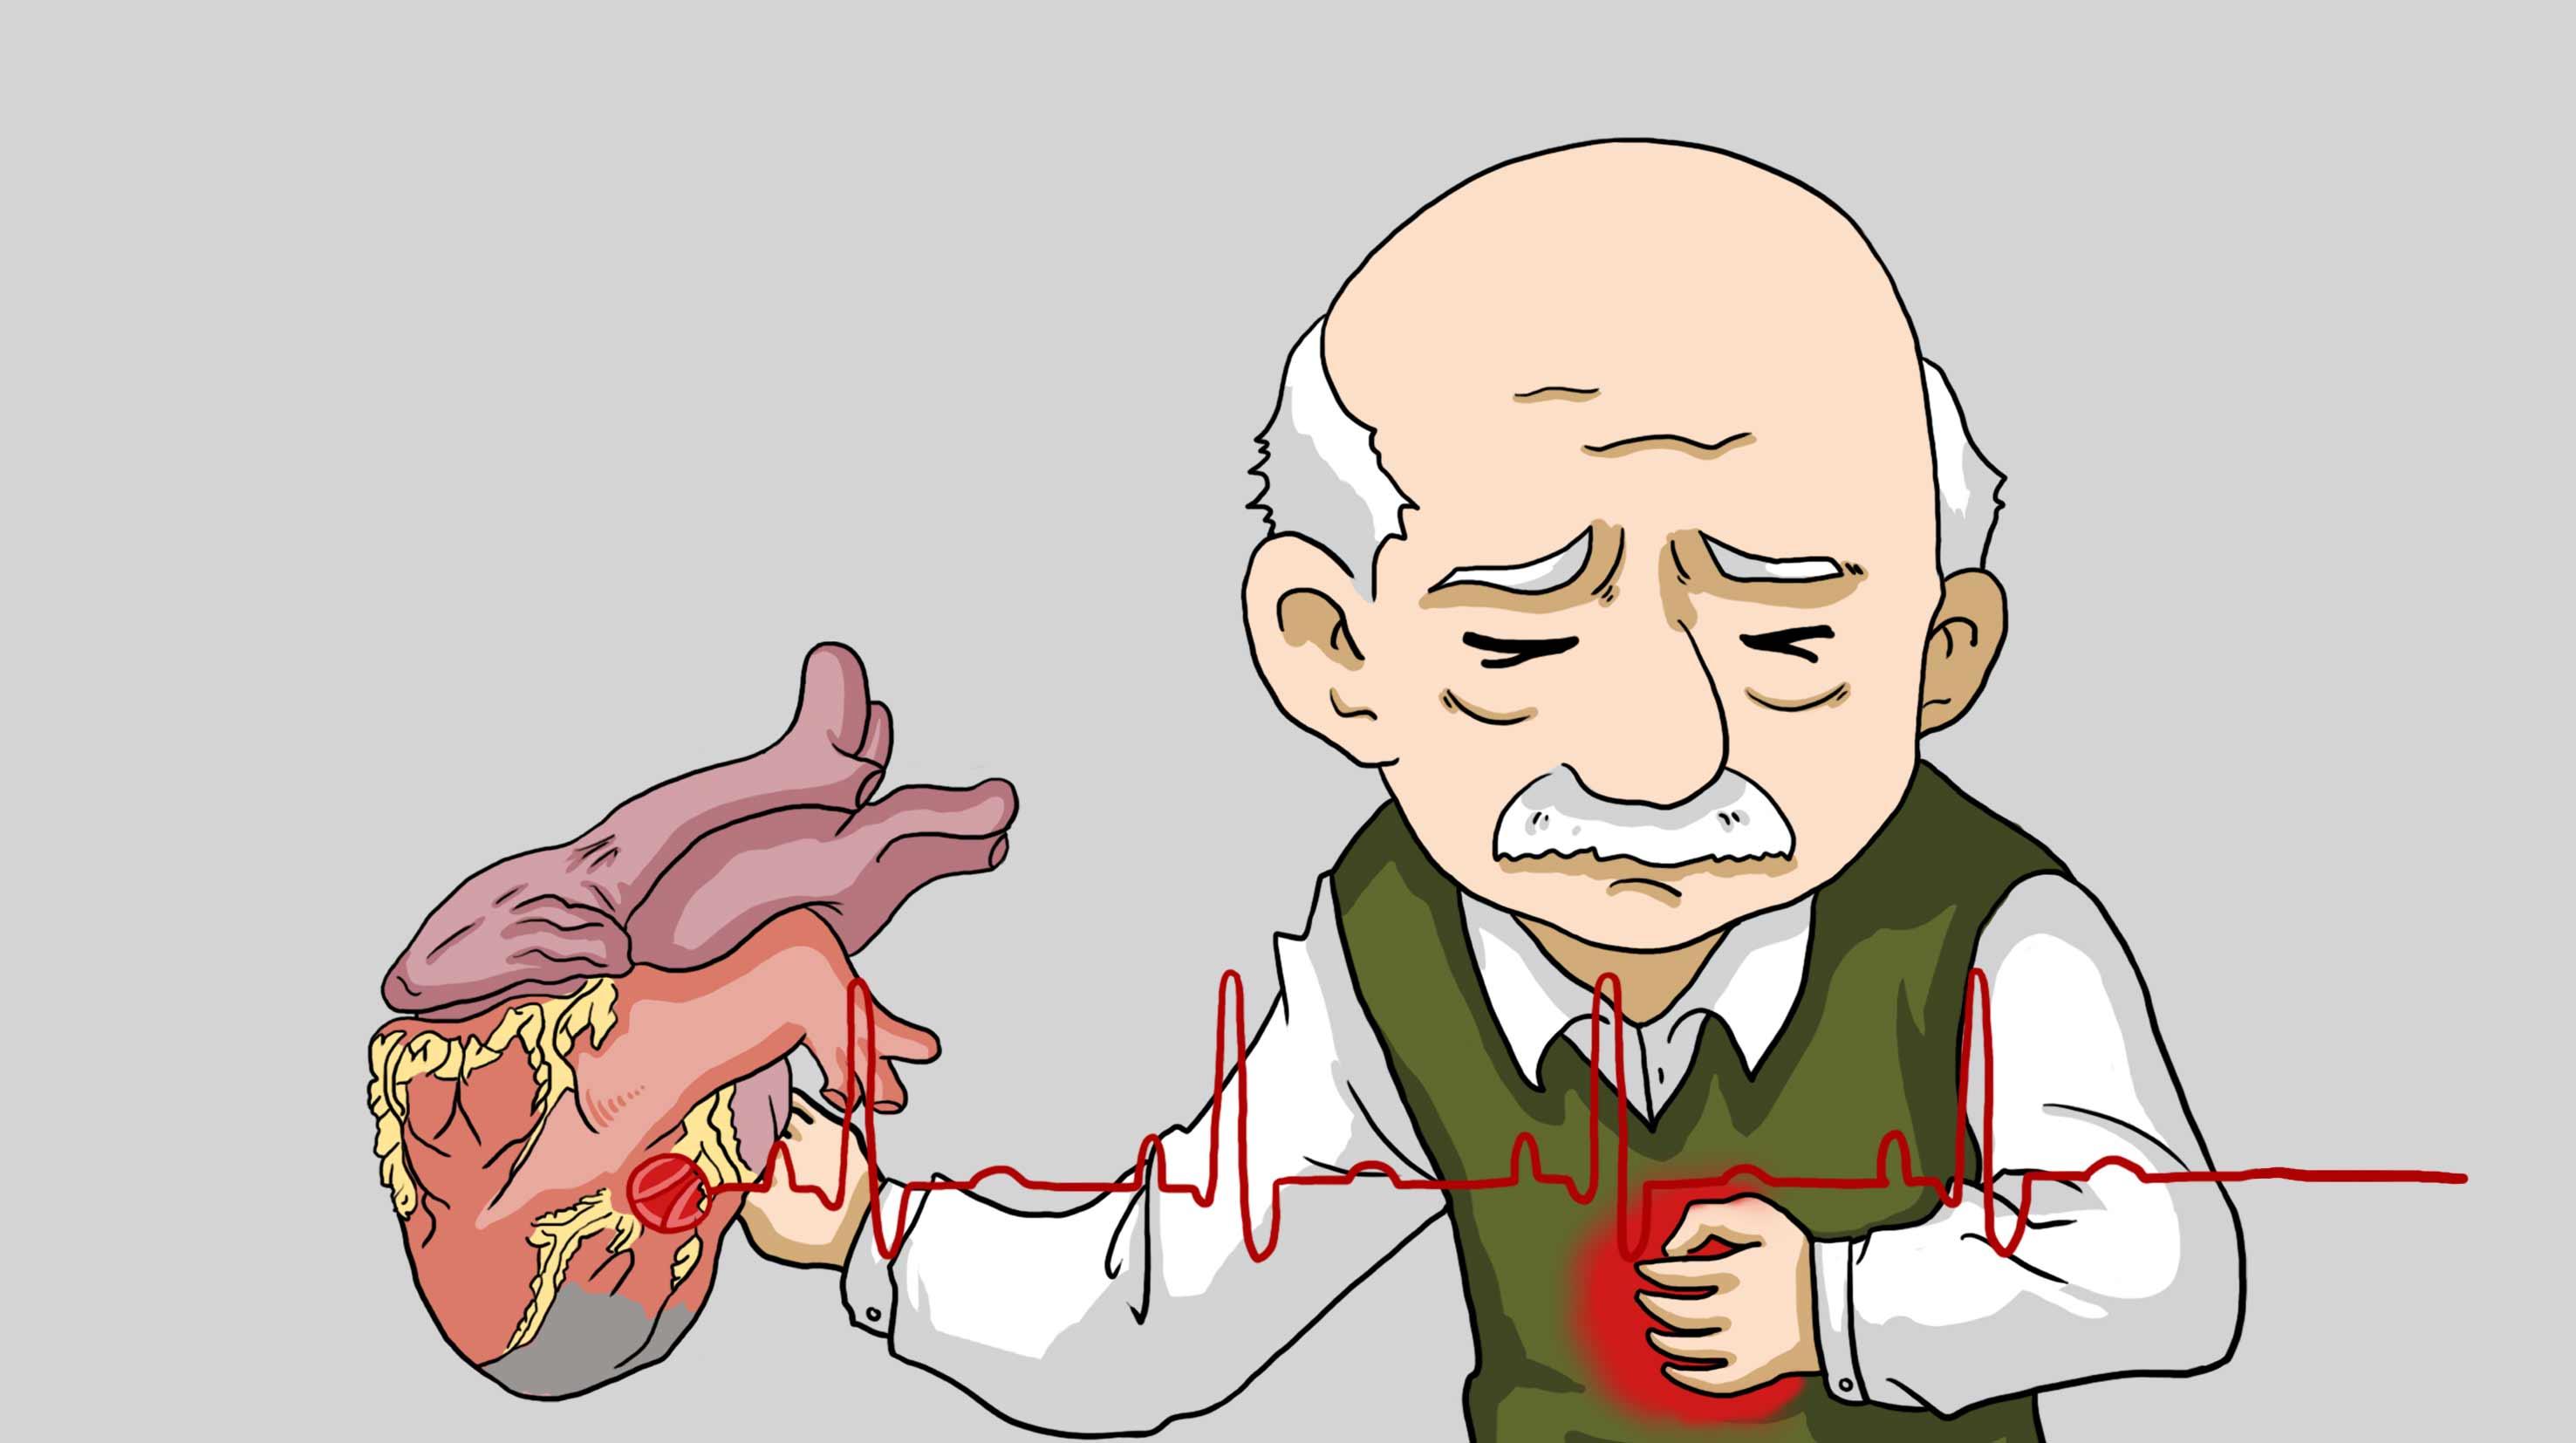 冠心病的病发原因之一——缺硒